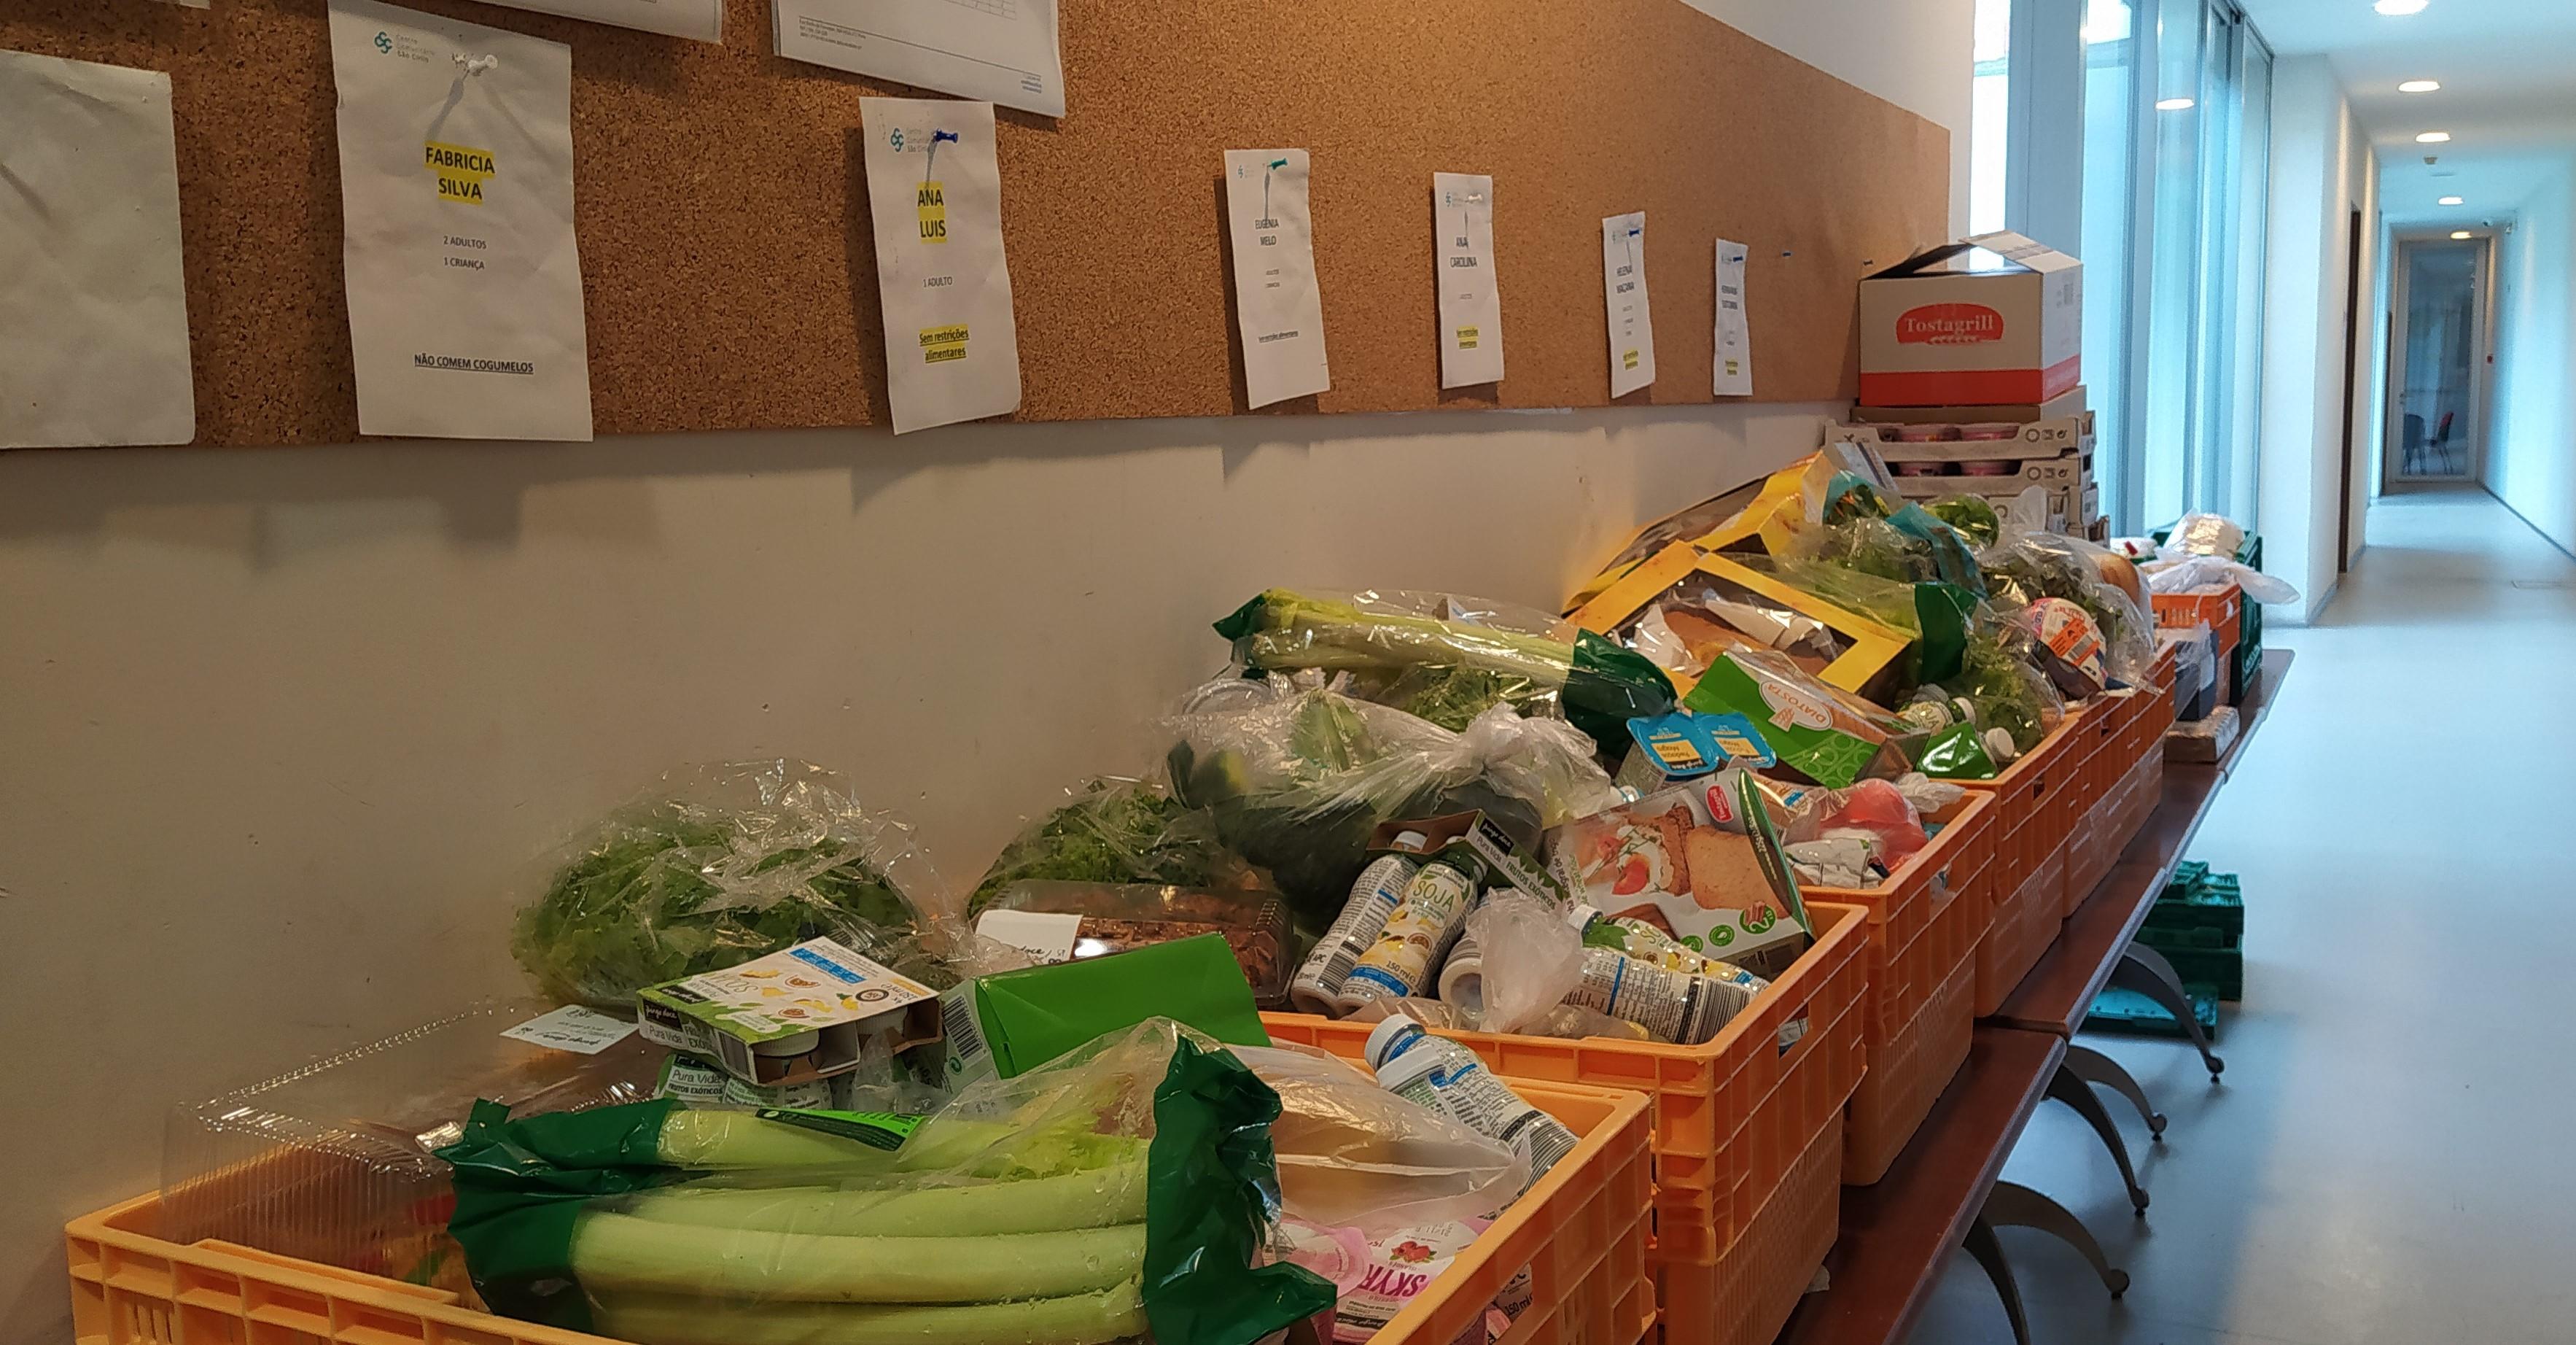 SAC - Serviço de Apoio em Cabaz de alimentos